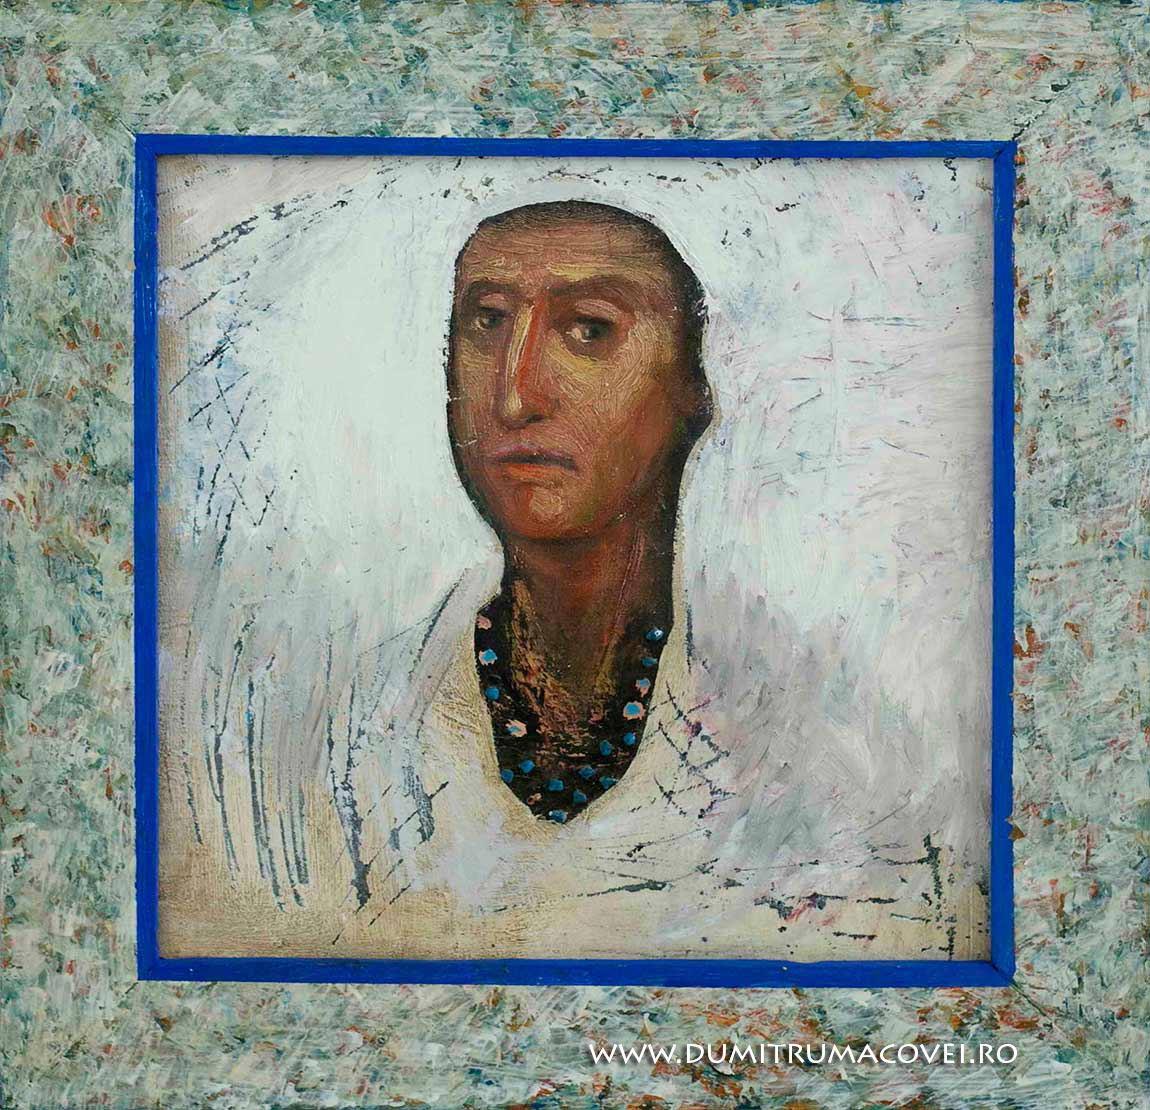 pictor Dumitru Macovei, fara nume